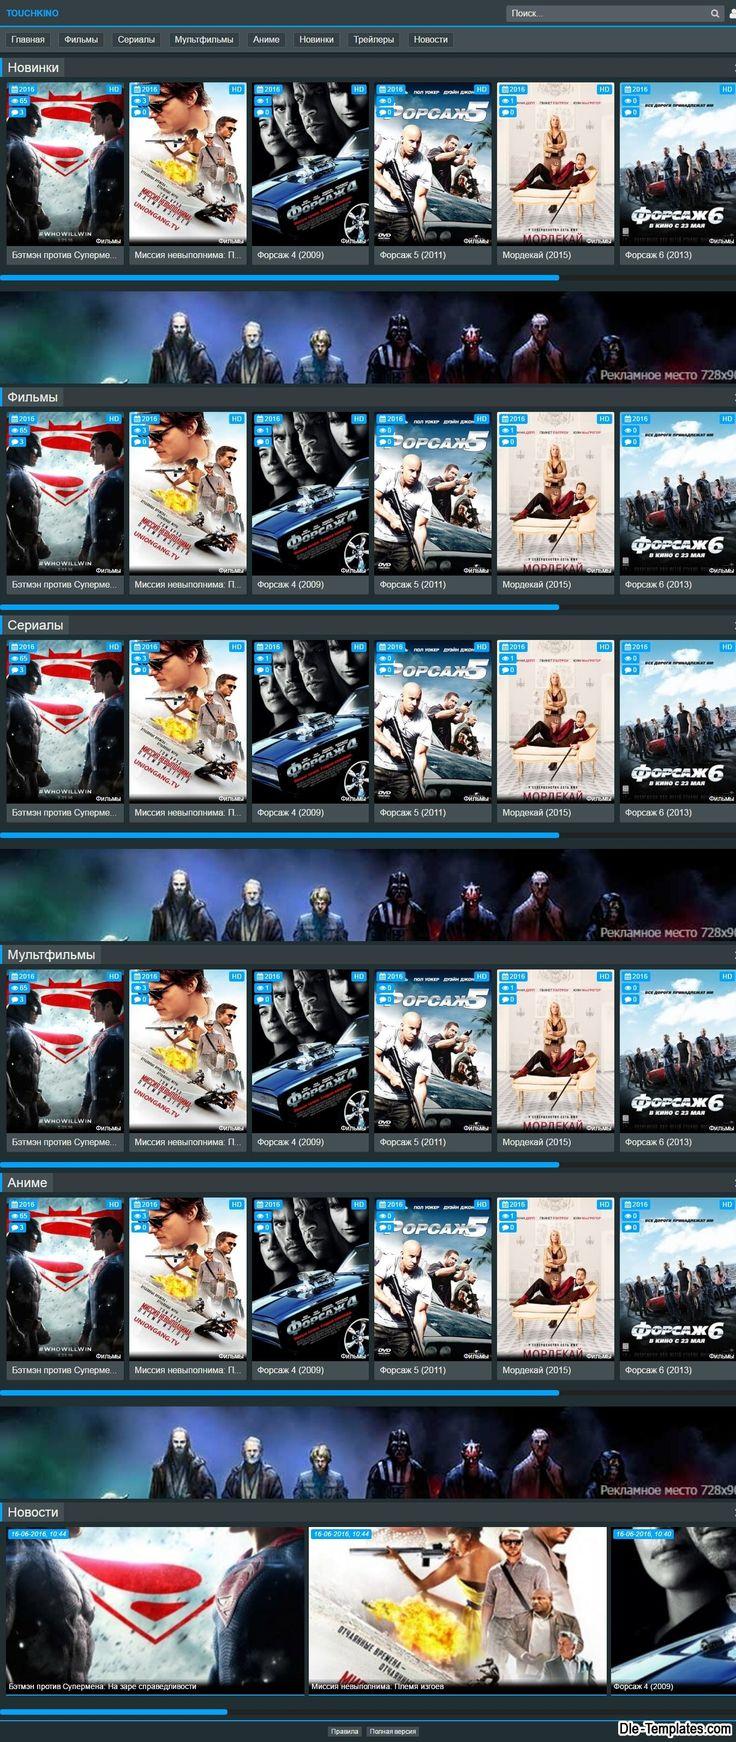 И вот снова красивый шаблон на тематику онлайн кино смотреть а главное в красивом дизайне